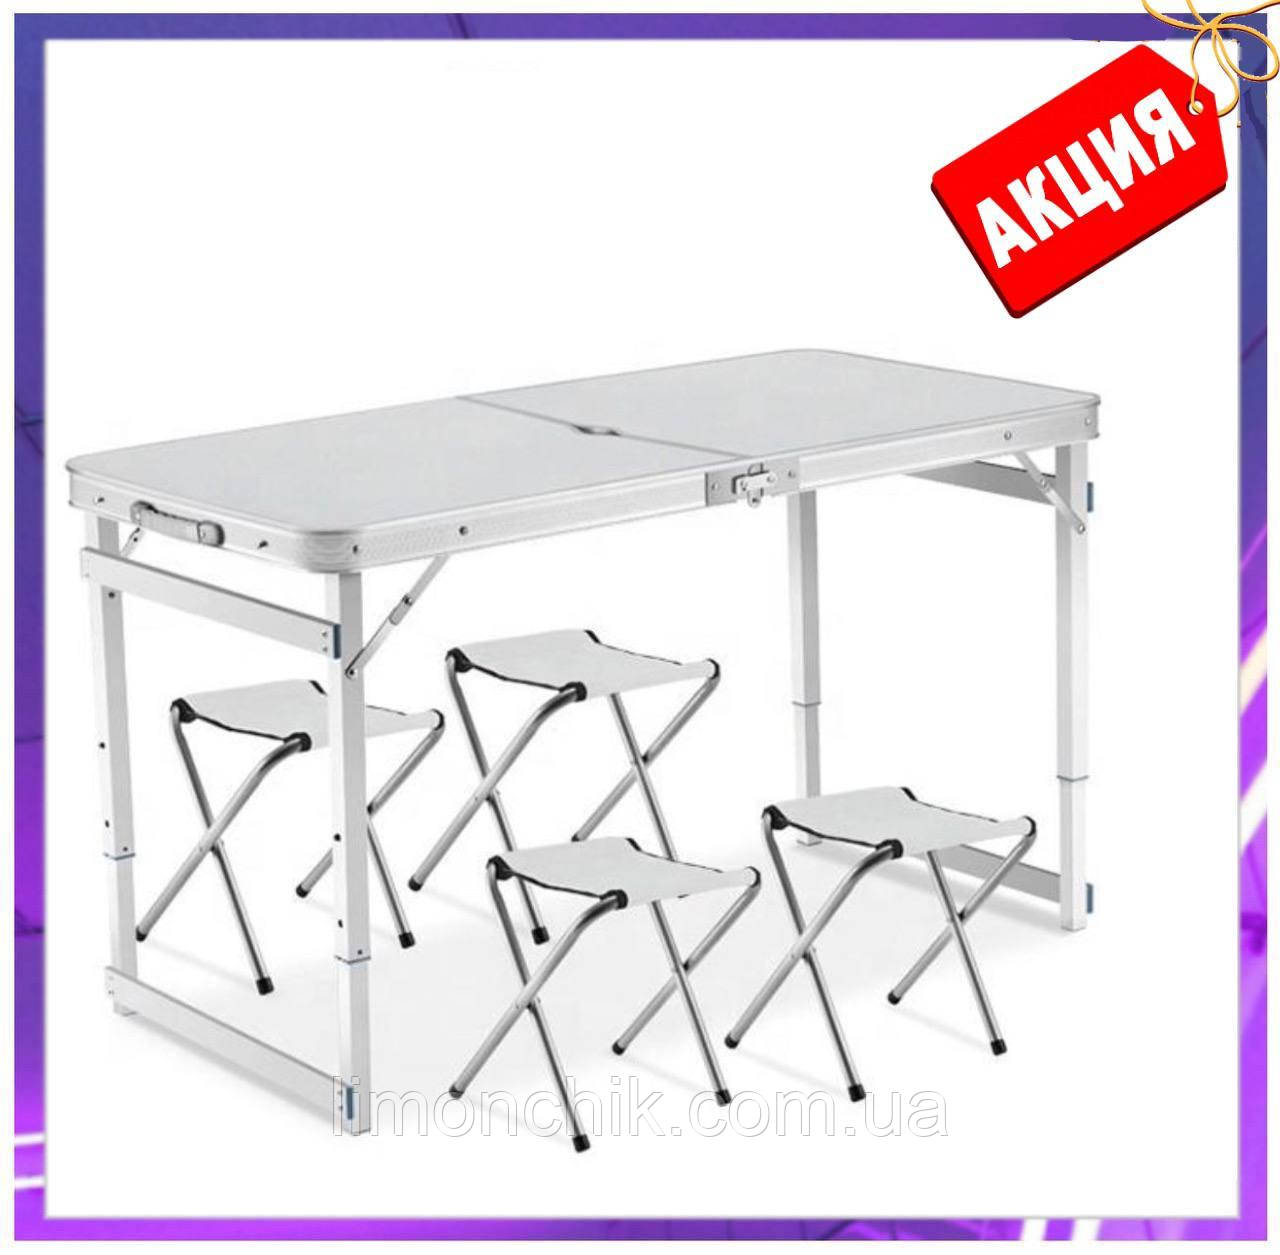 Туристический раскладной стол для пикника УСИЛЕННЫЙ алюминиевый набор стол и стулья чемодан для кемпинга